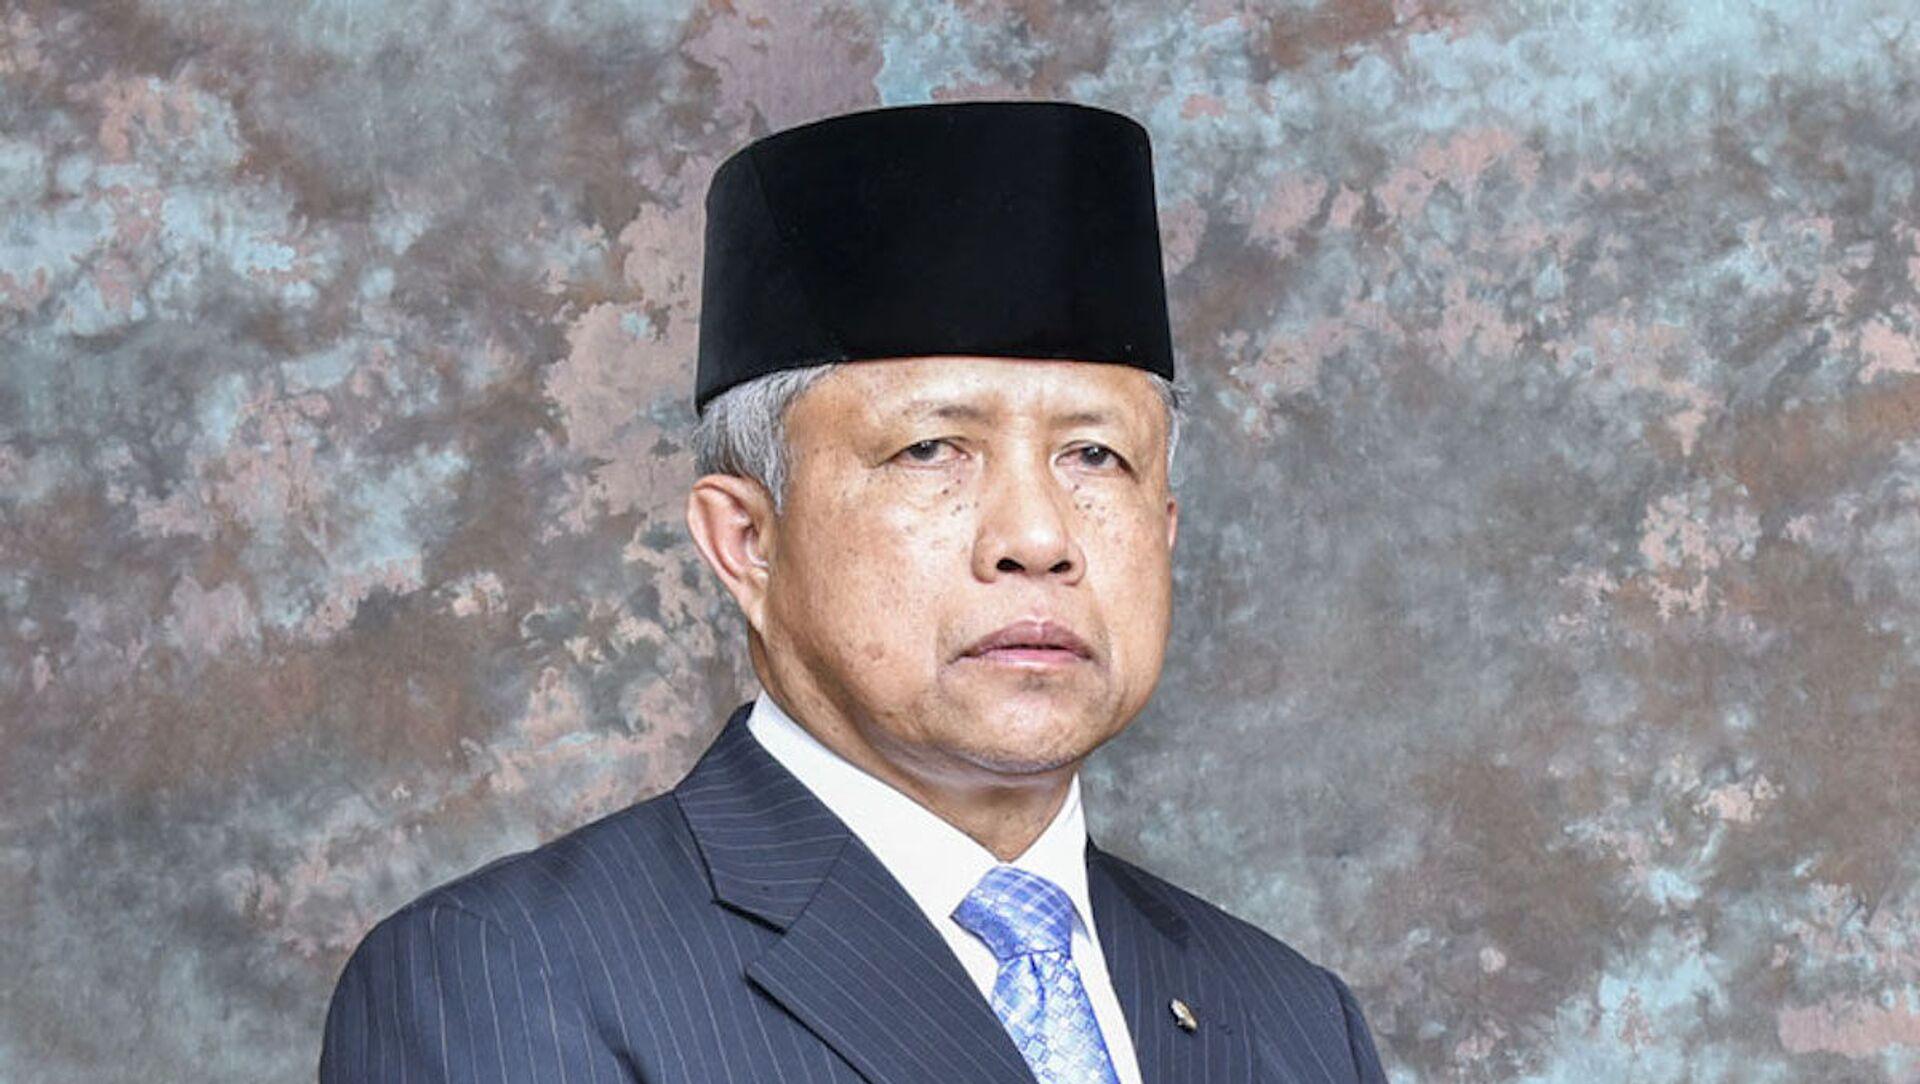 Bộ trưởng Quốc phòng thứ hai của Brunei Halbi Yussof. - Sputnik Việt Nam, 1920, 23.06.2021